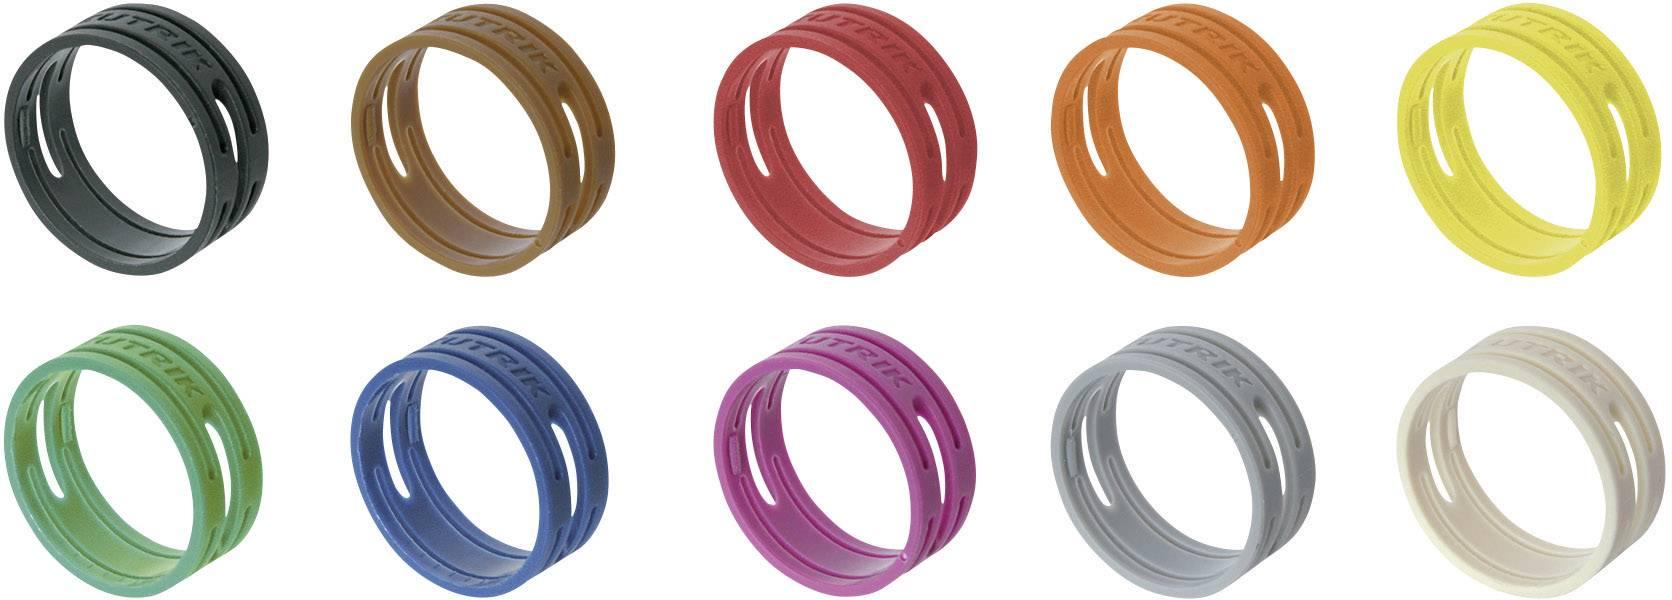 Kódovací krúžok Neutrik XXR-SET/MIX, čierna, hnedá, červená, oranžová, žltá, zelená, modrá, fialová, sivá, biela, 10 ks